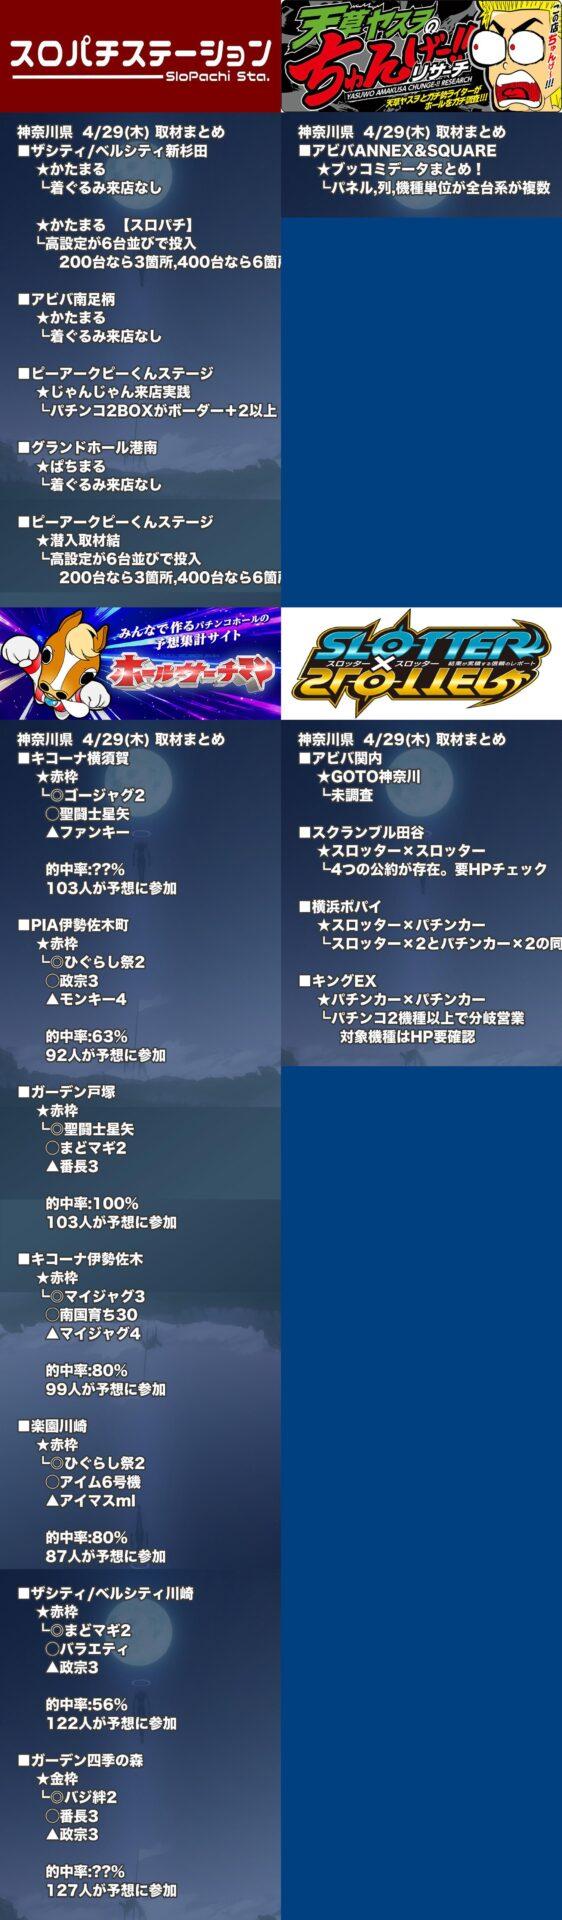 神奈川県_2021-04-29_パチンコ・パチスロ